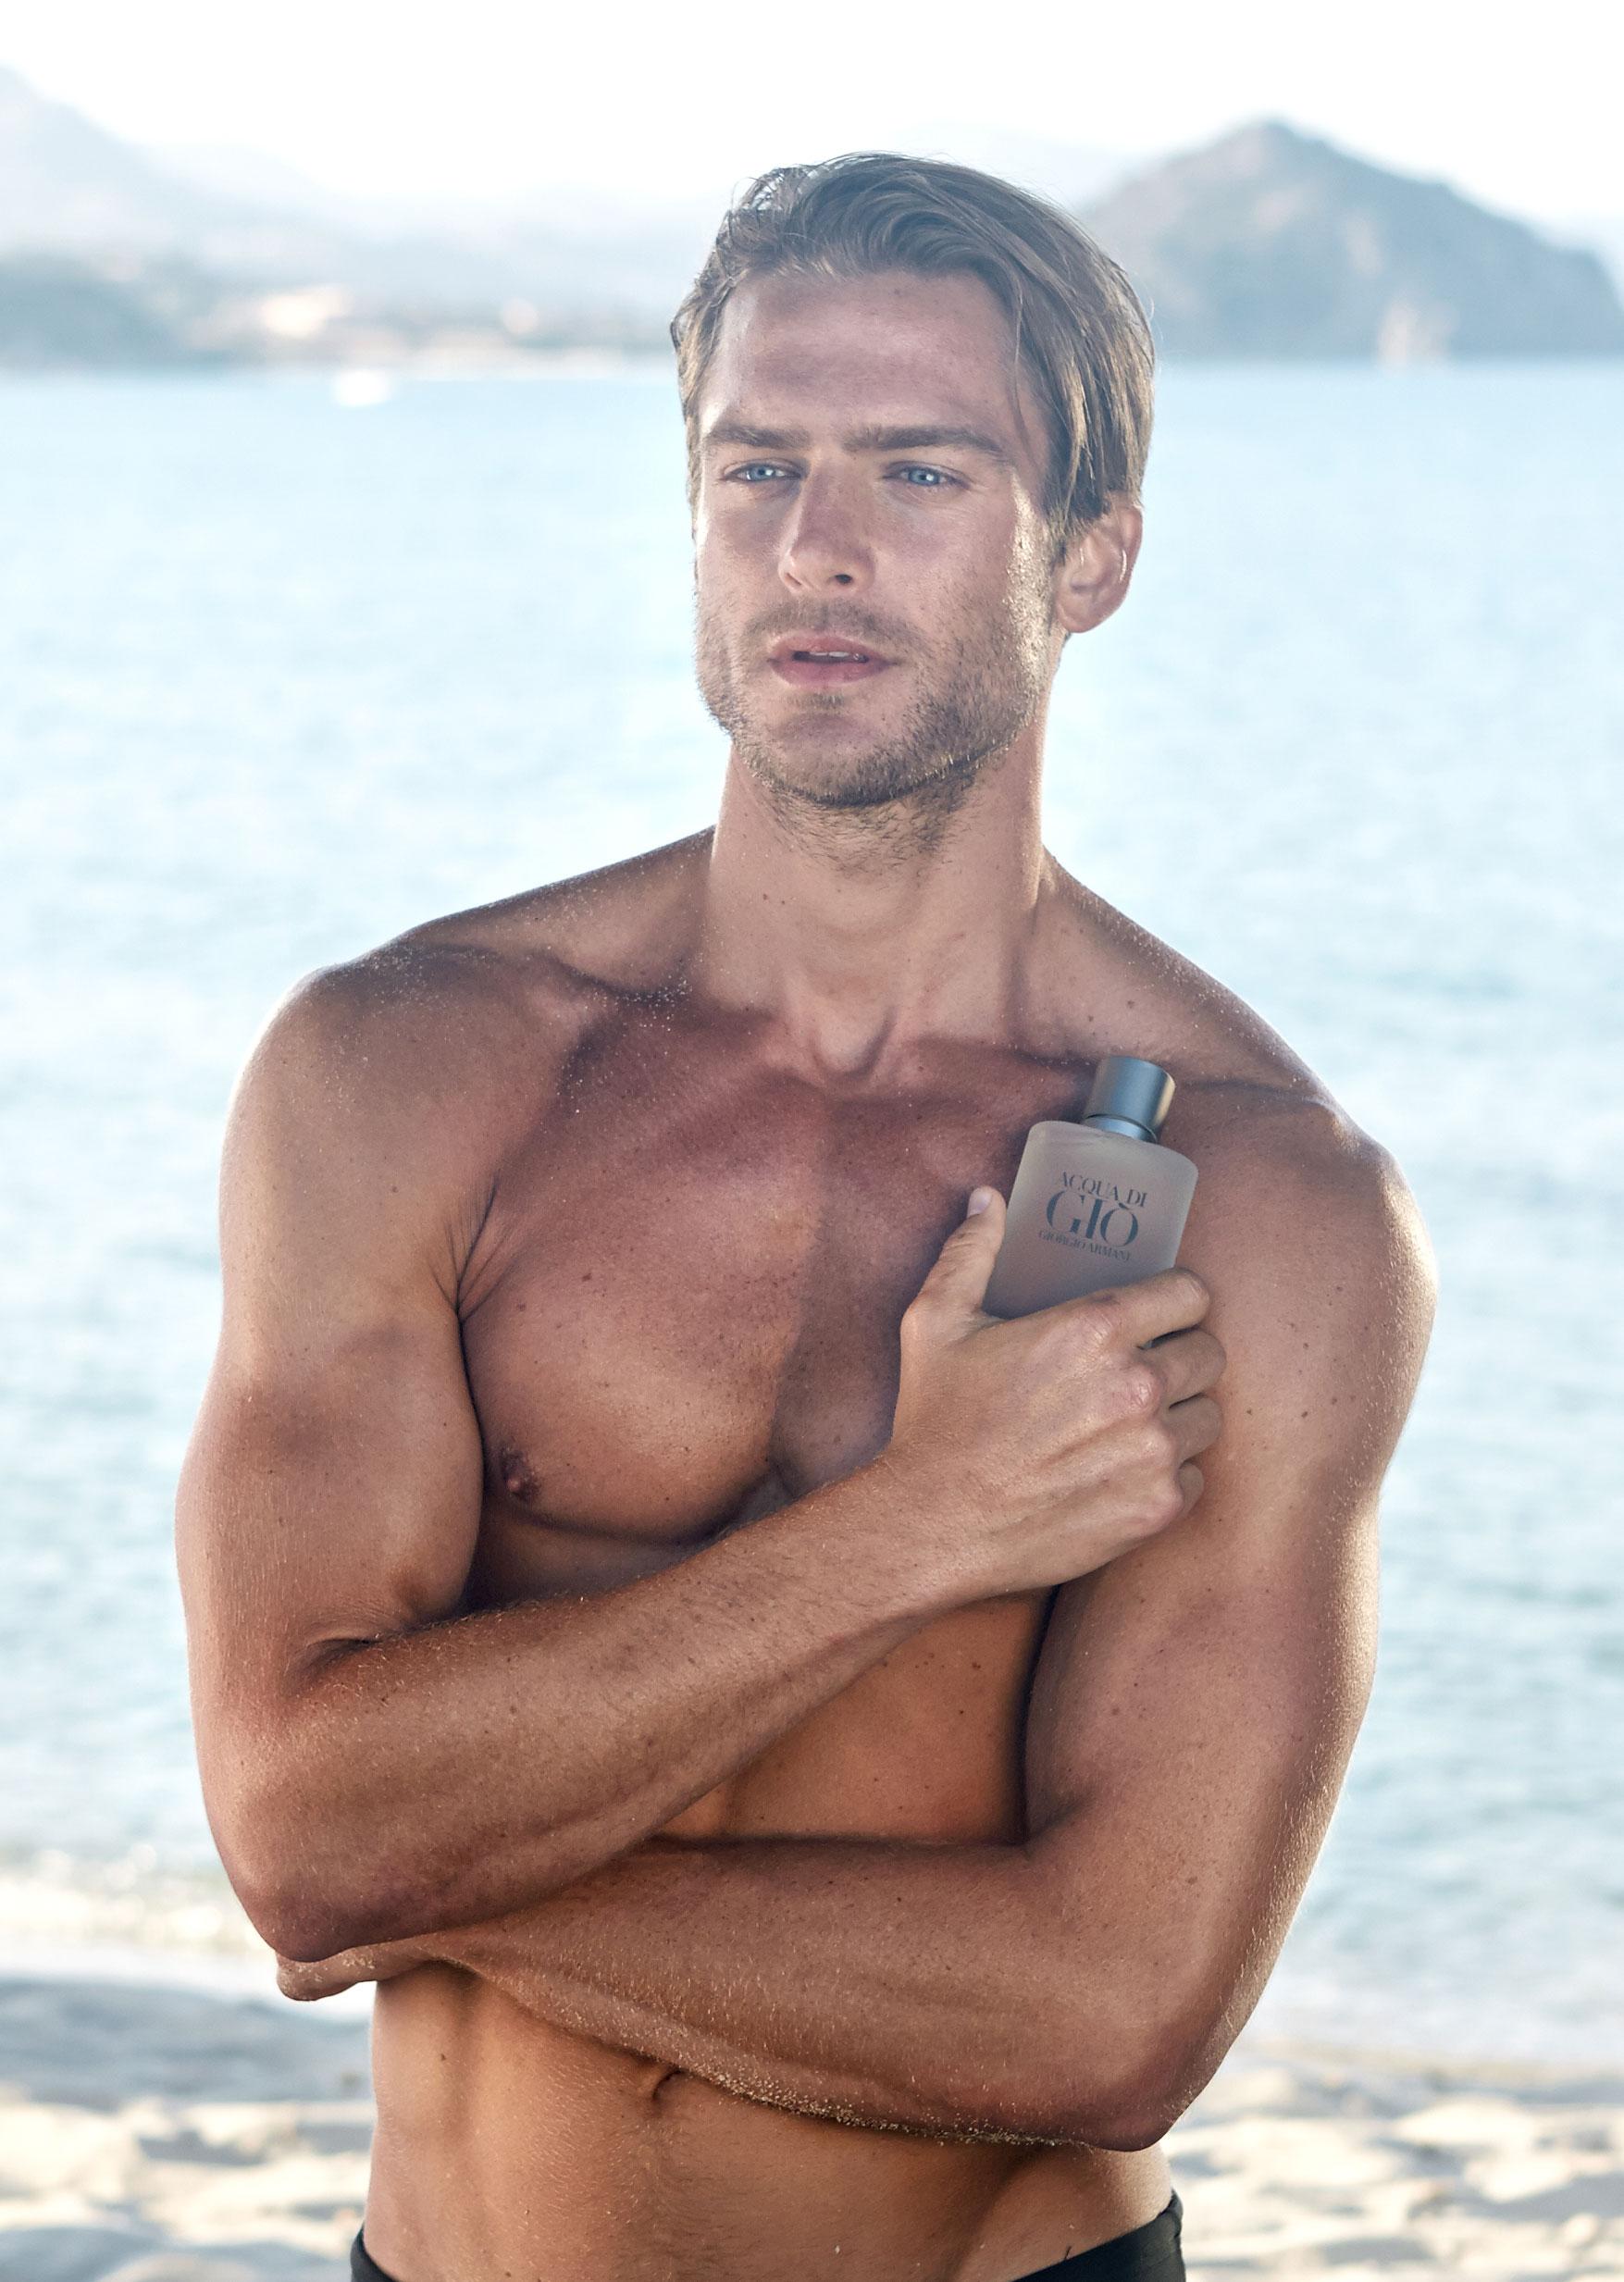 Jason Morgan na nova campanha do perfume Acqua di Giò ©Divulgação